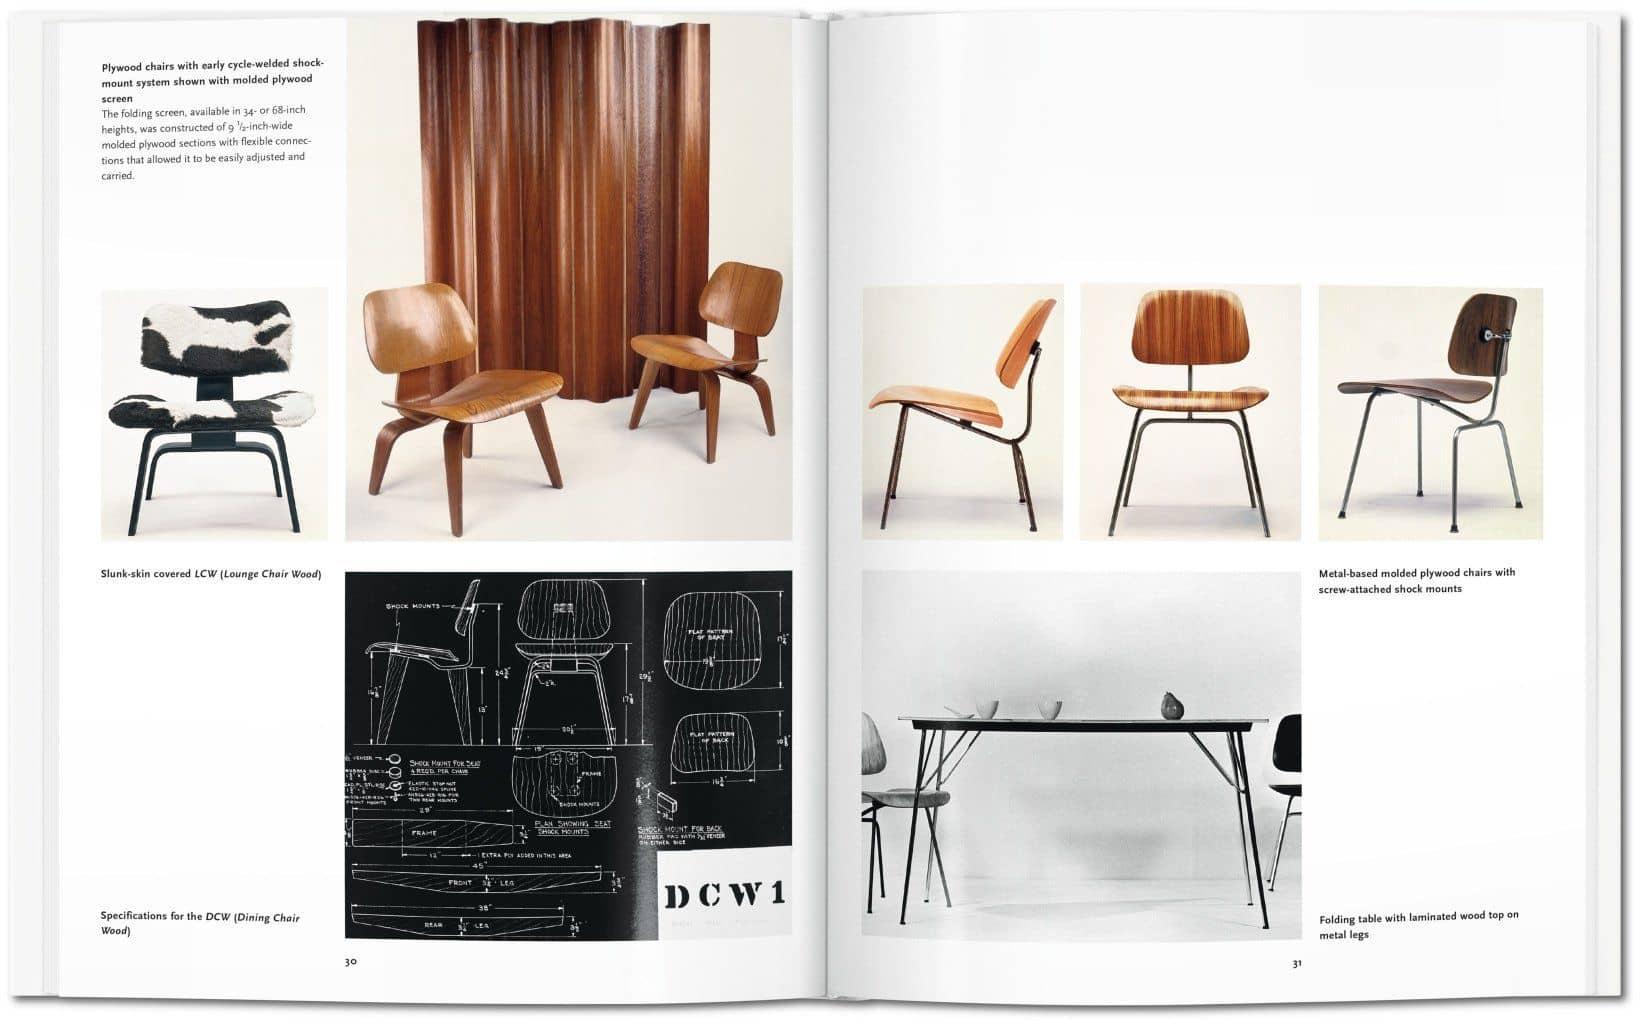 volta_taschen_Eames_book_